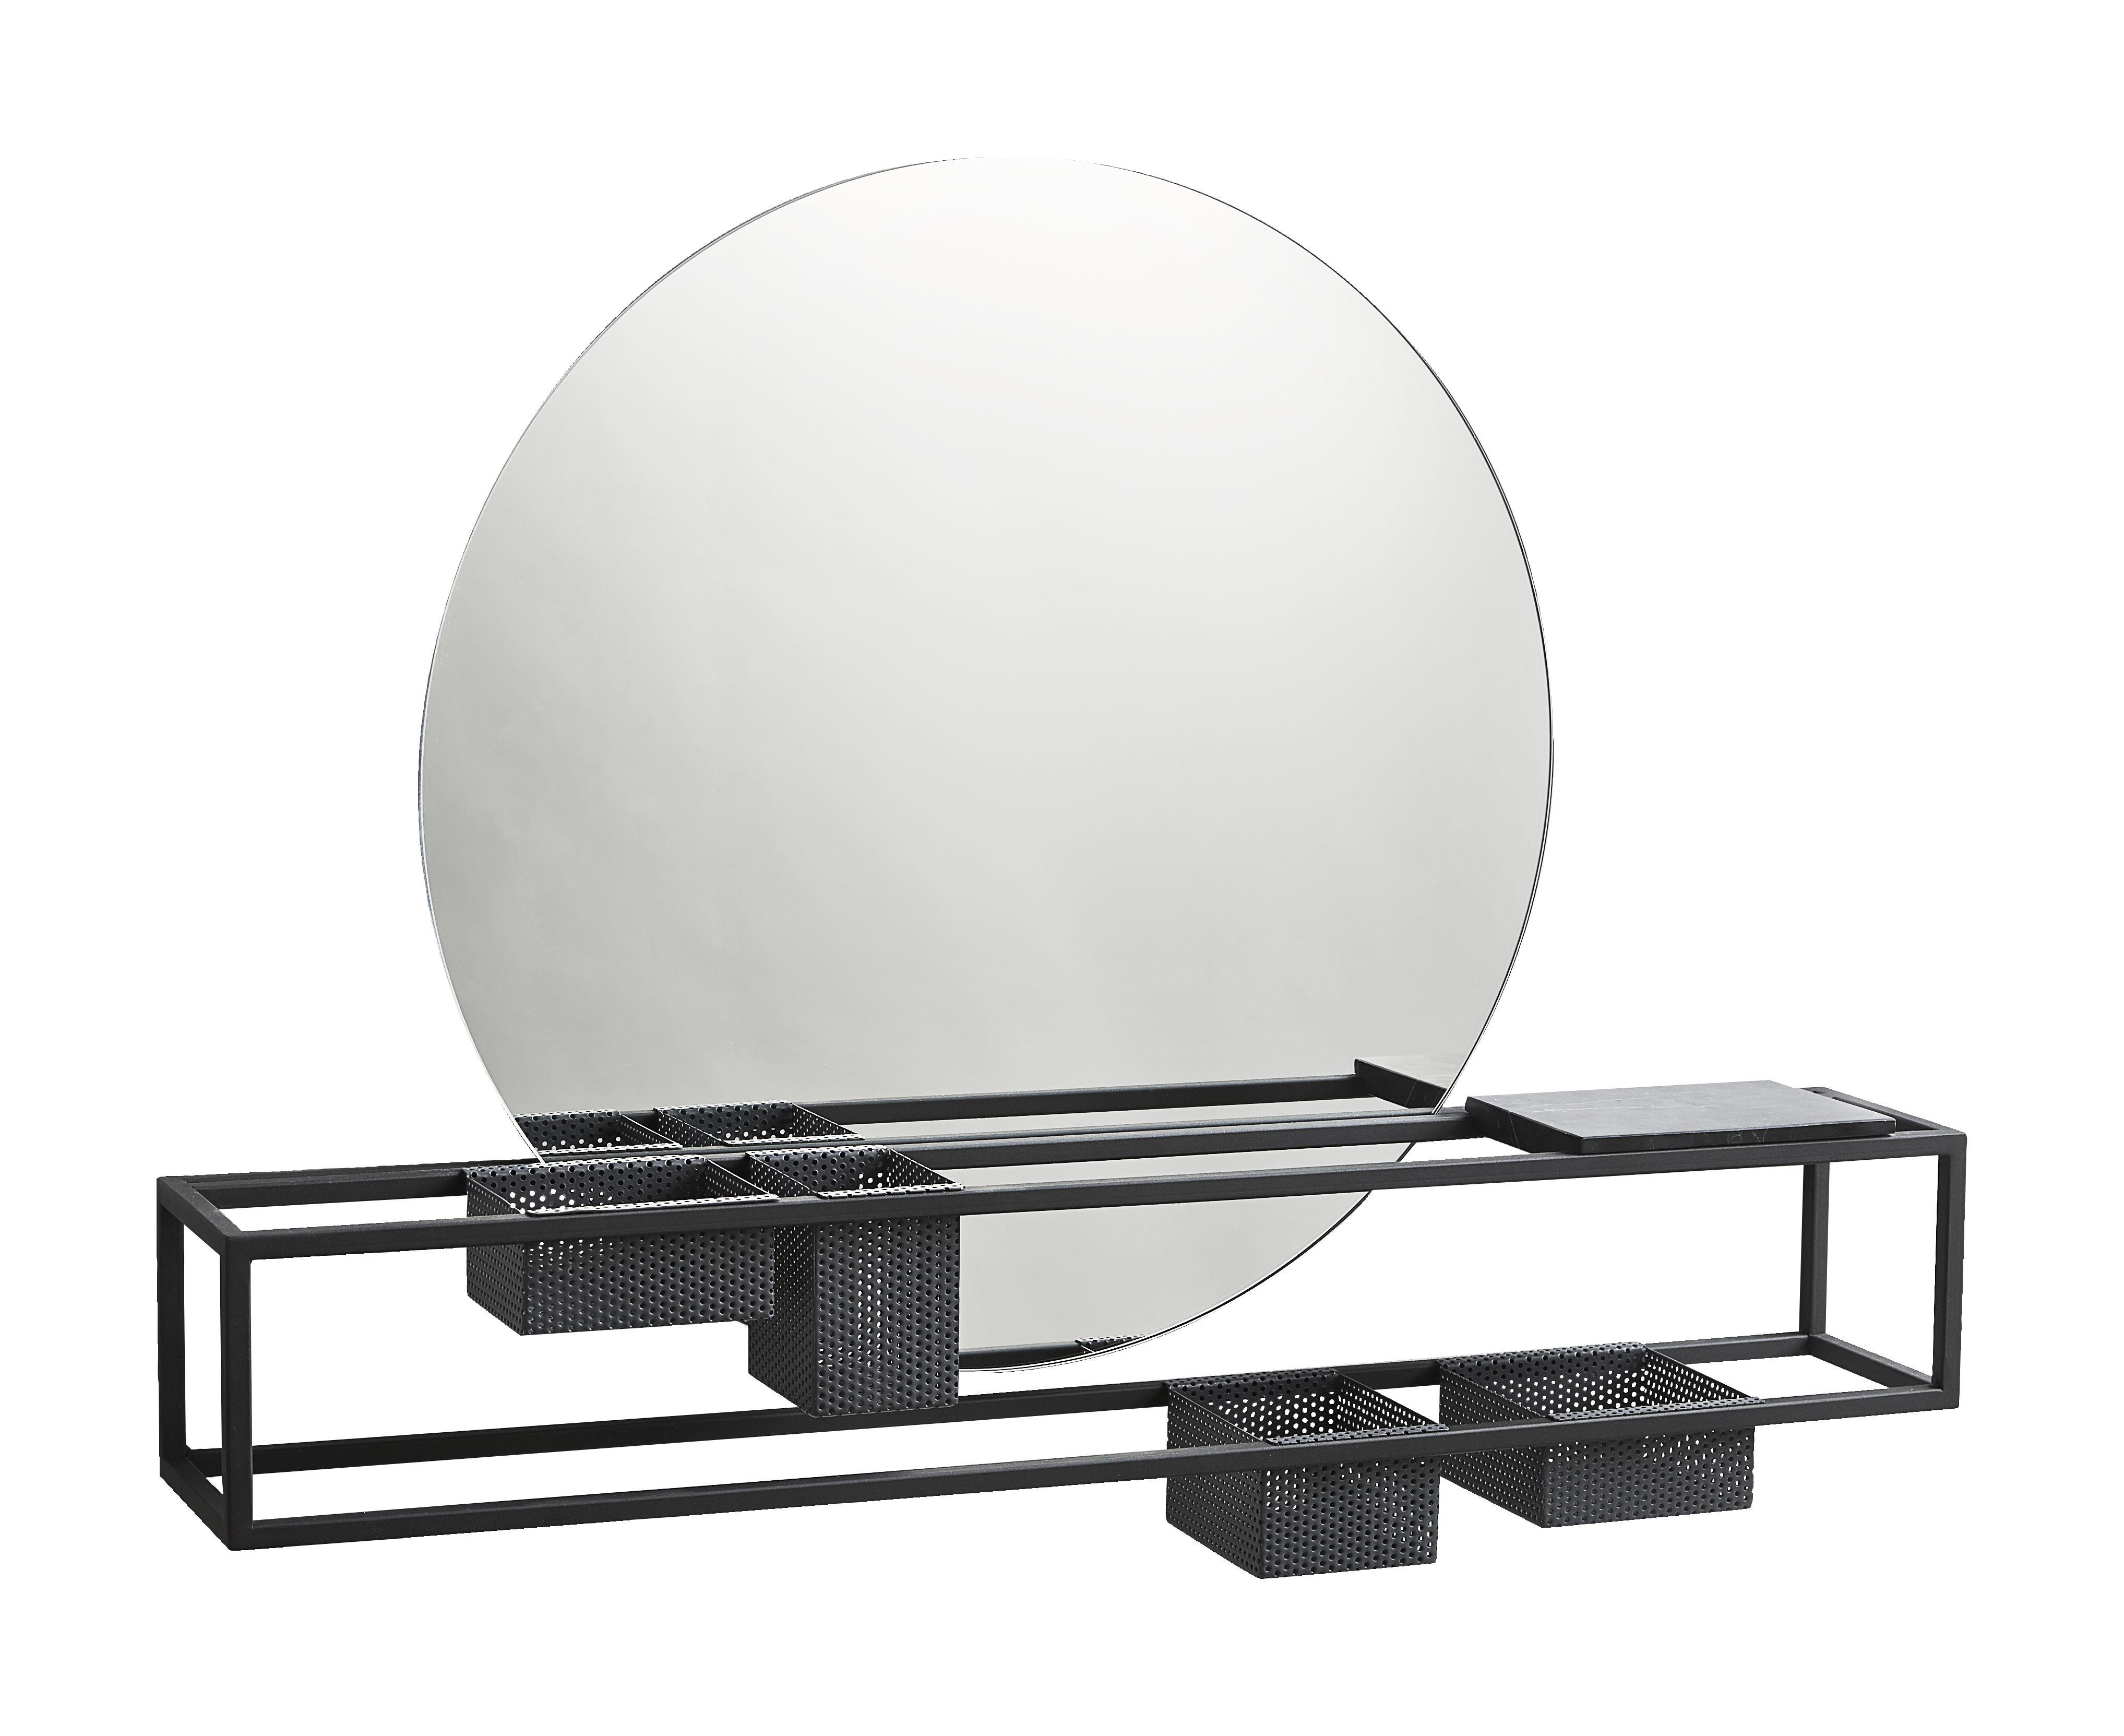 Mobilier - Etagères & bibliothèques - Miroir Mirror Box / Rangements intégrés - L 75 cm - Woud - Noir - Marbre, Métal laqué, Verre